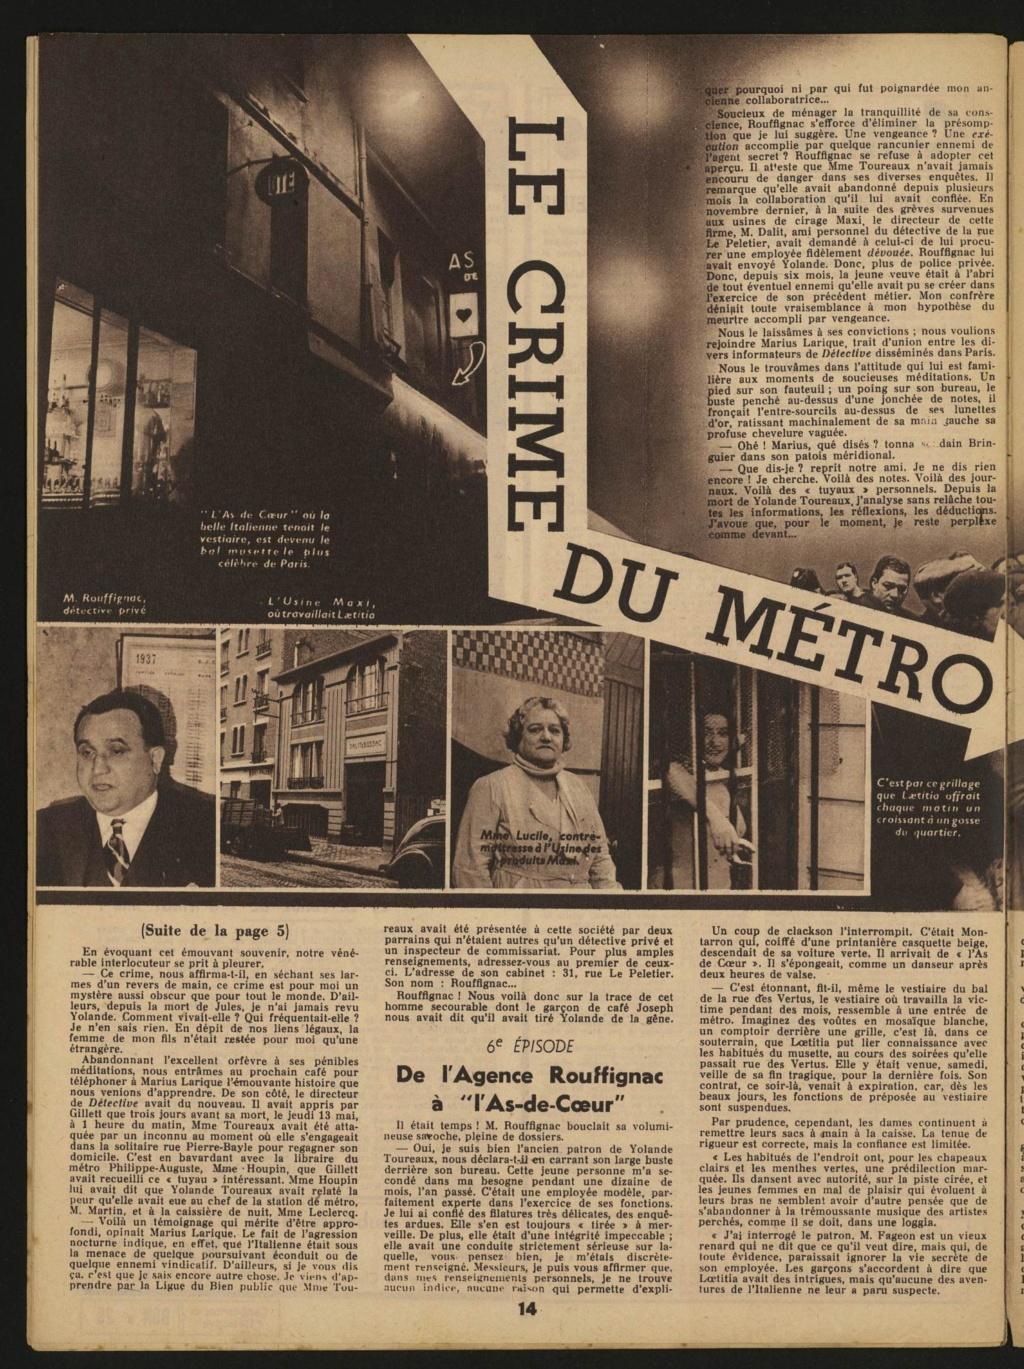 Laëtitia Toureaux - Le Crime du Métro, 16 mai 1937 _1311